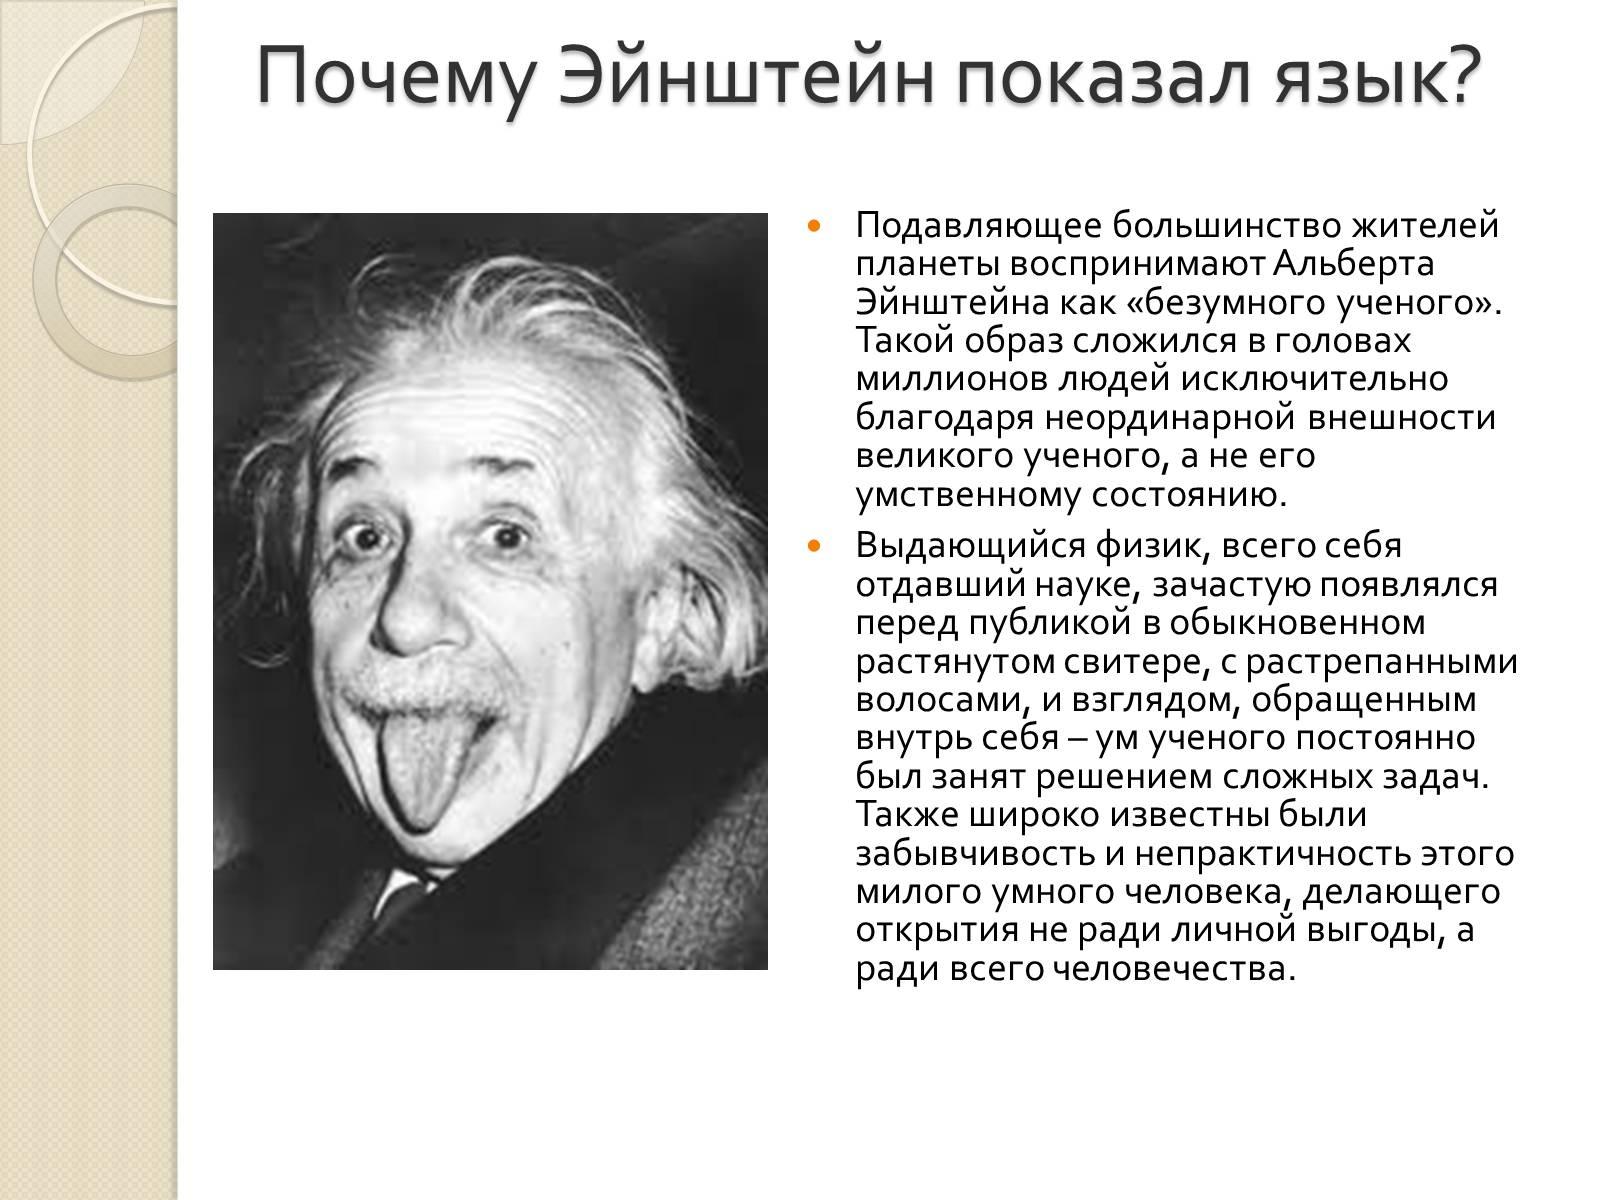 Почему эйнштейн показывает язык на фото